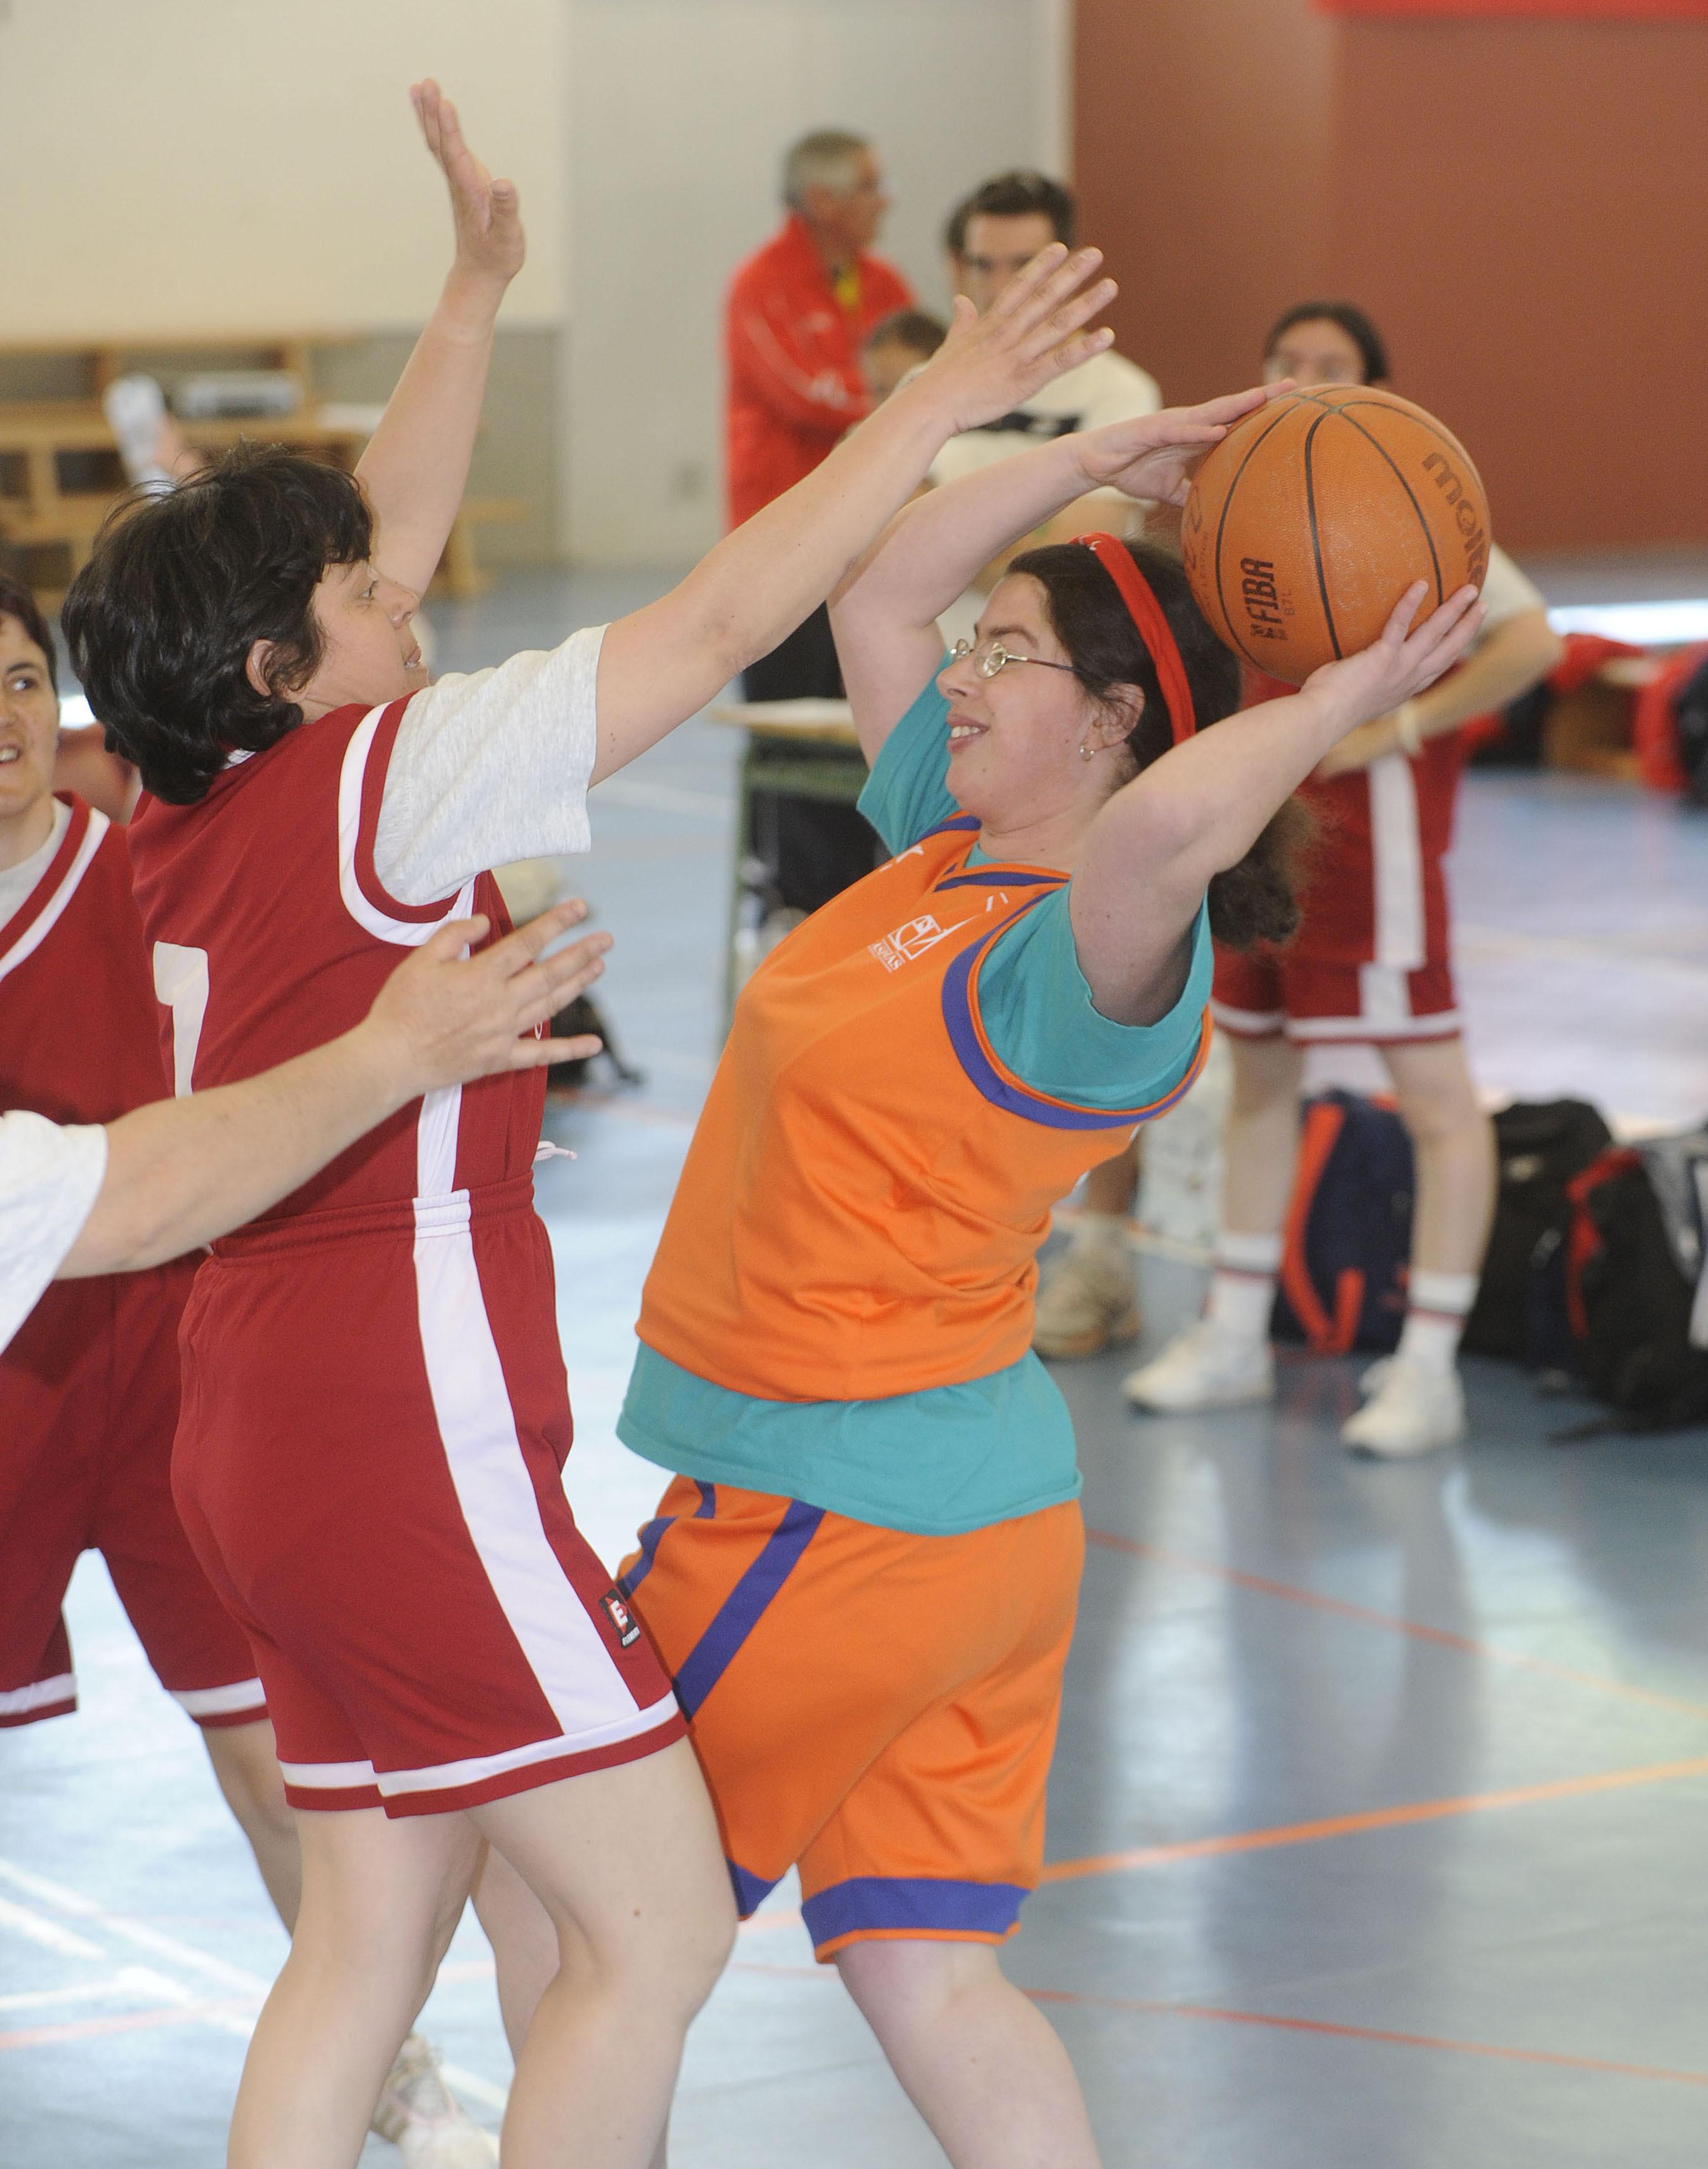 Liga Special Olympics-Plena Inclusión. / FEDEACYL